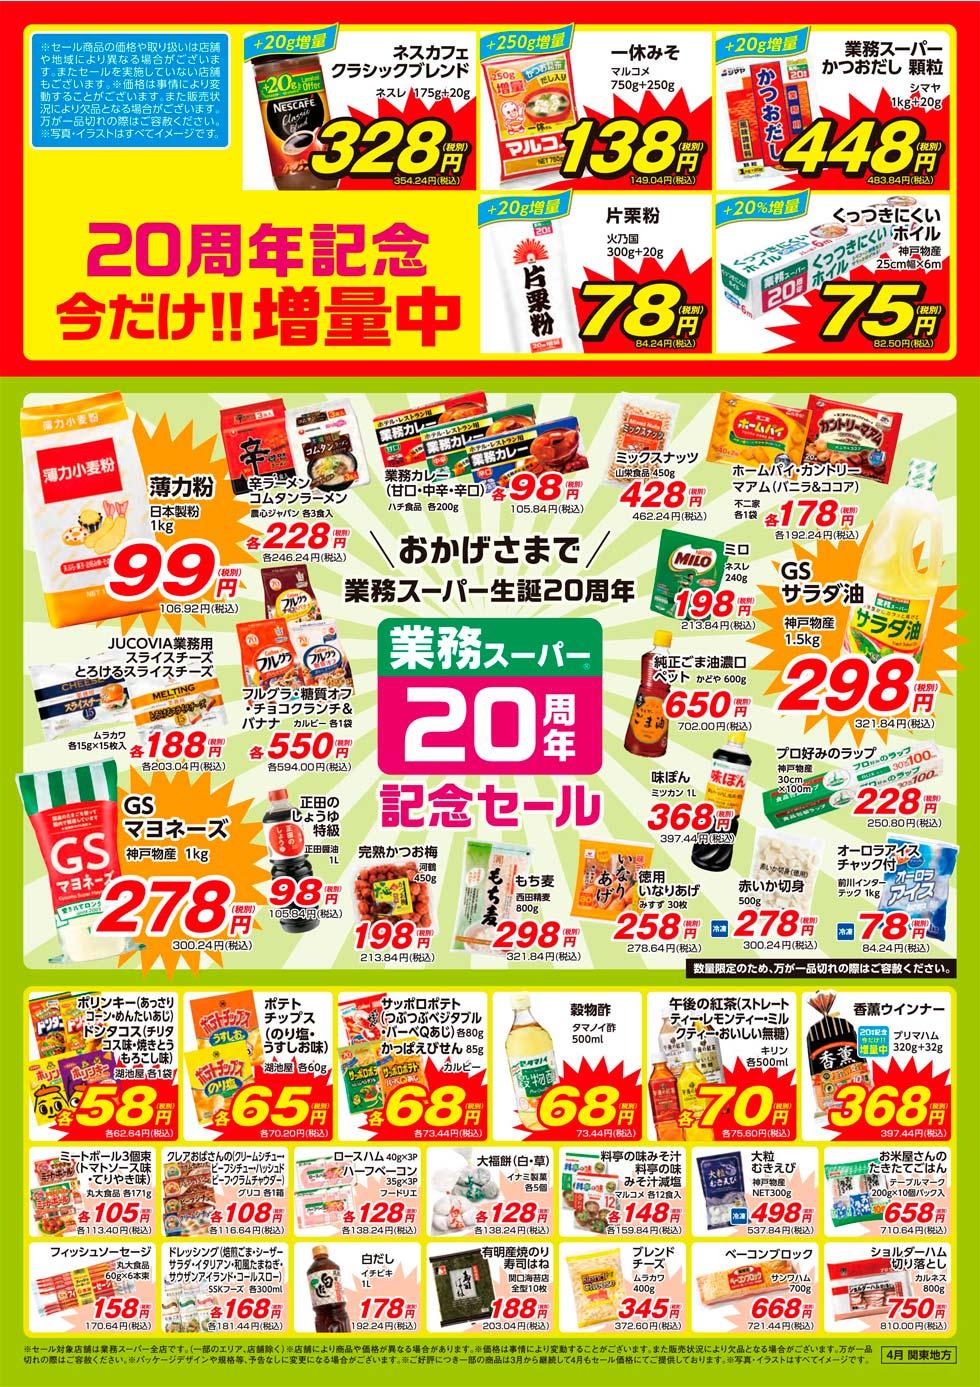 スーパー 宮崎 業務 【開店】業務スーパーが宮崎市大塚町にオープンしている。宮崎初出店ですよ。